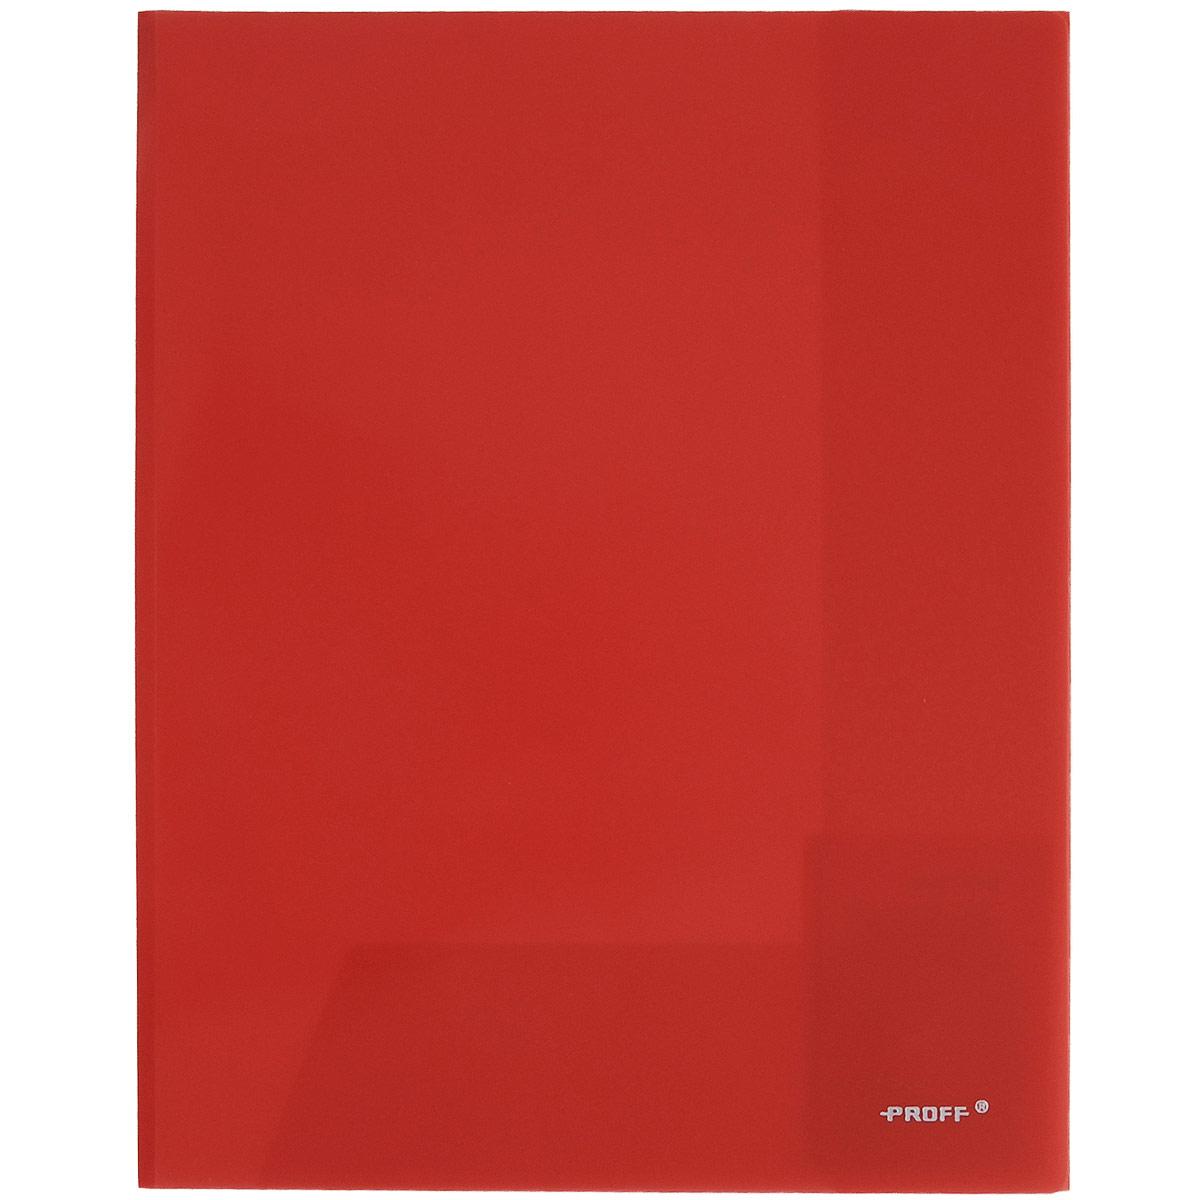 Папка-уголок Proff, цвет: красный, 2 клапана. Формат А4FS-00103Папка-уголок Proff, изготовленная из высококачественного полипропилена, это удобный и практичный офисный инструмент, предназначенный для хранения и транспортировки рабочих бумаг и документов формата А4. Полупрозрачная папка оснащена двумя клапана внутри для надежного удержания бумаг. Папка-уголок - это незаменимый атрибут для студента, школьника, офисного работника. Такая папка надежно сохранит ваши документы и сбережет их от повреждений, пыли и влаги.